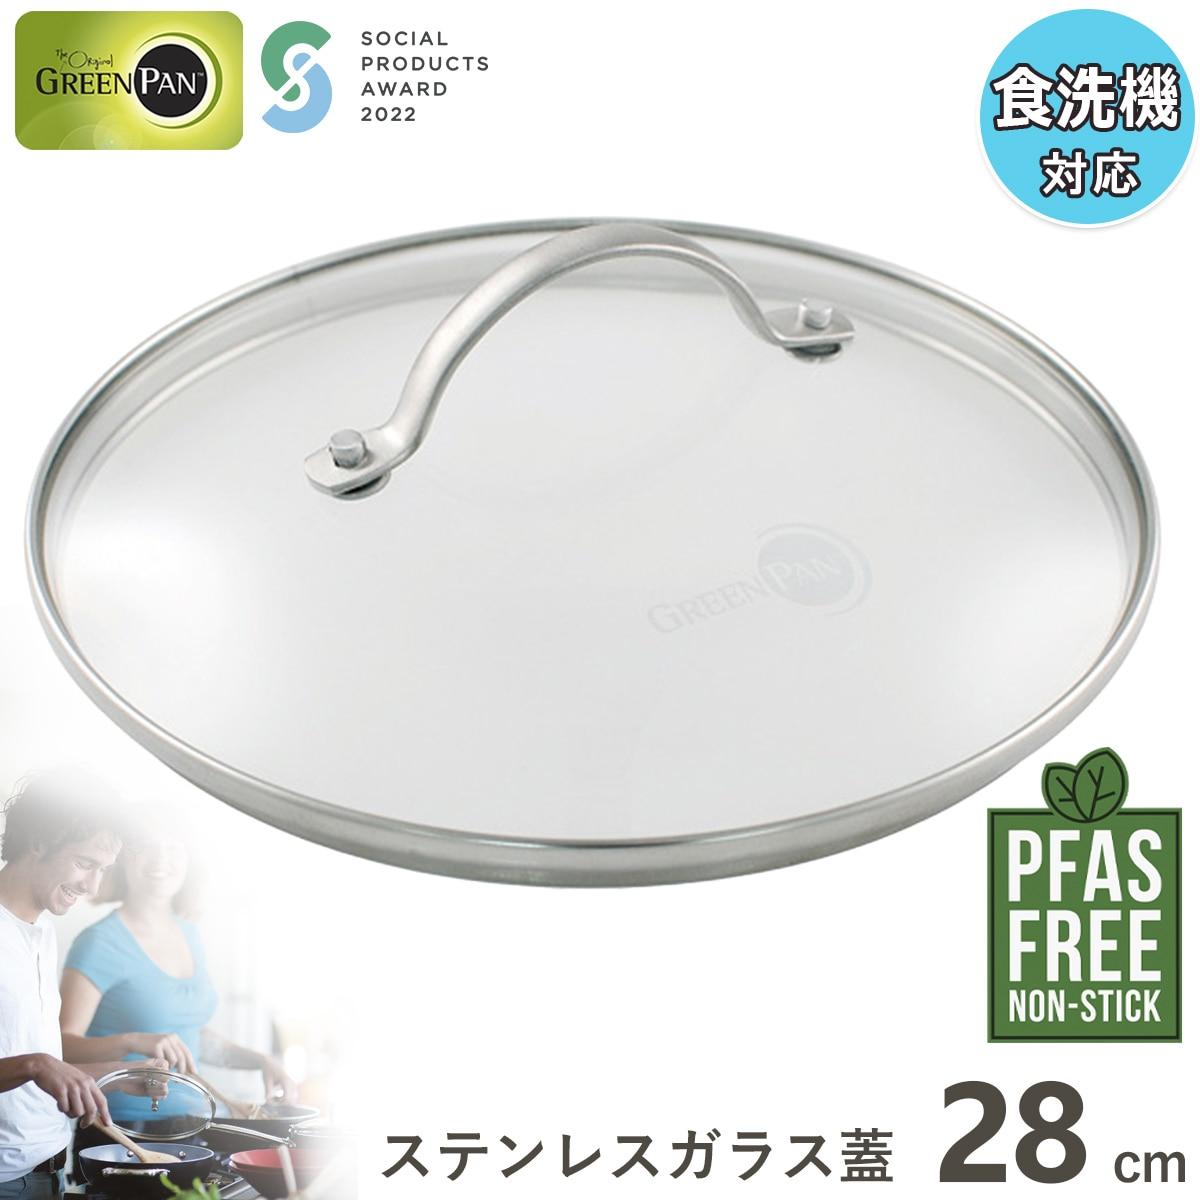 グリーンパン ステンレスガラス蓋 28cm CC001078-001